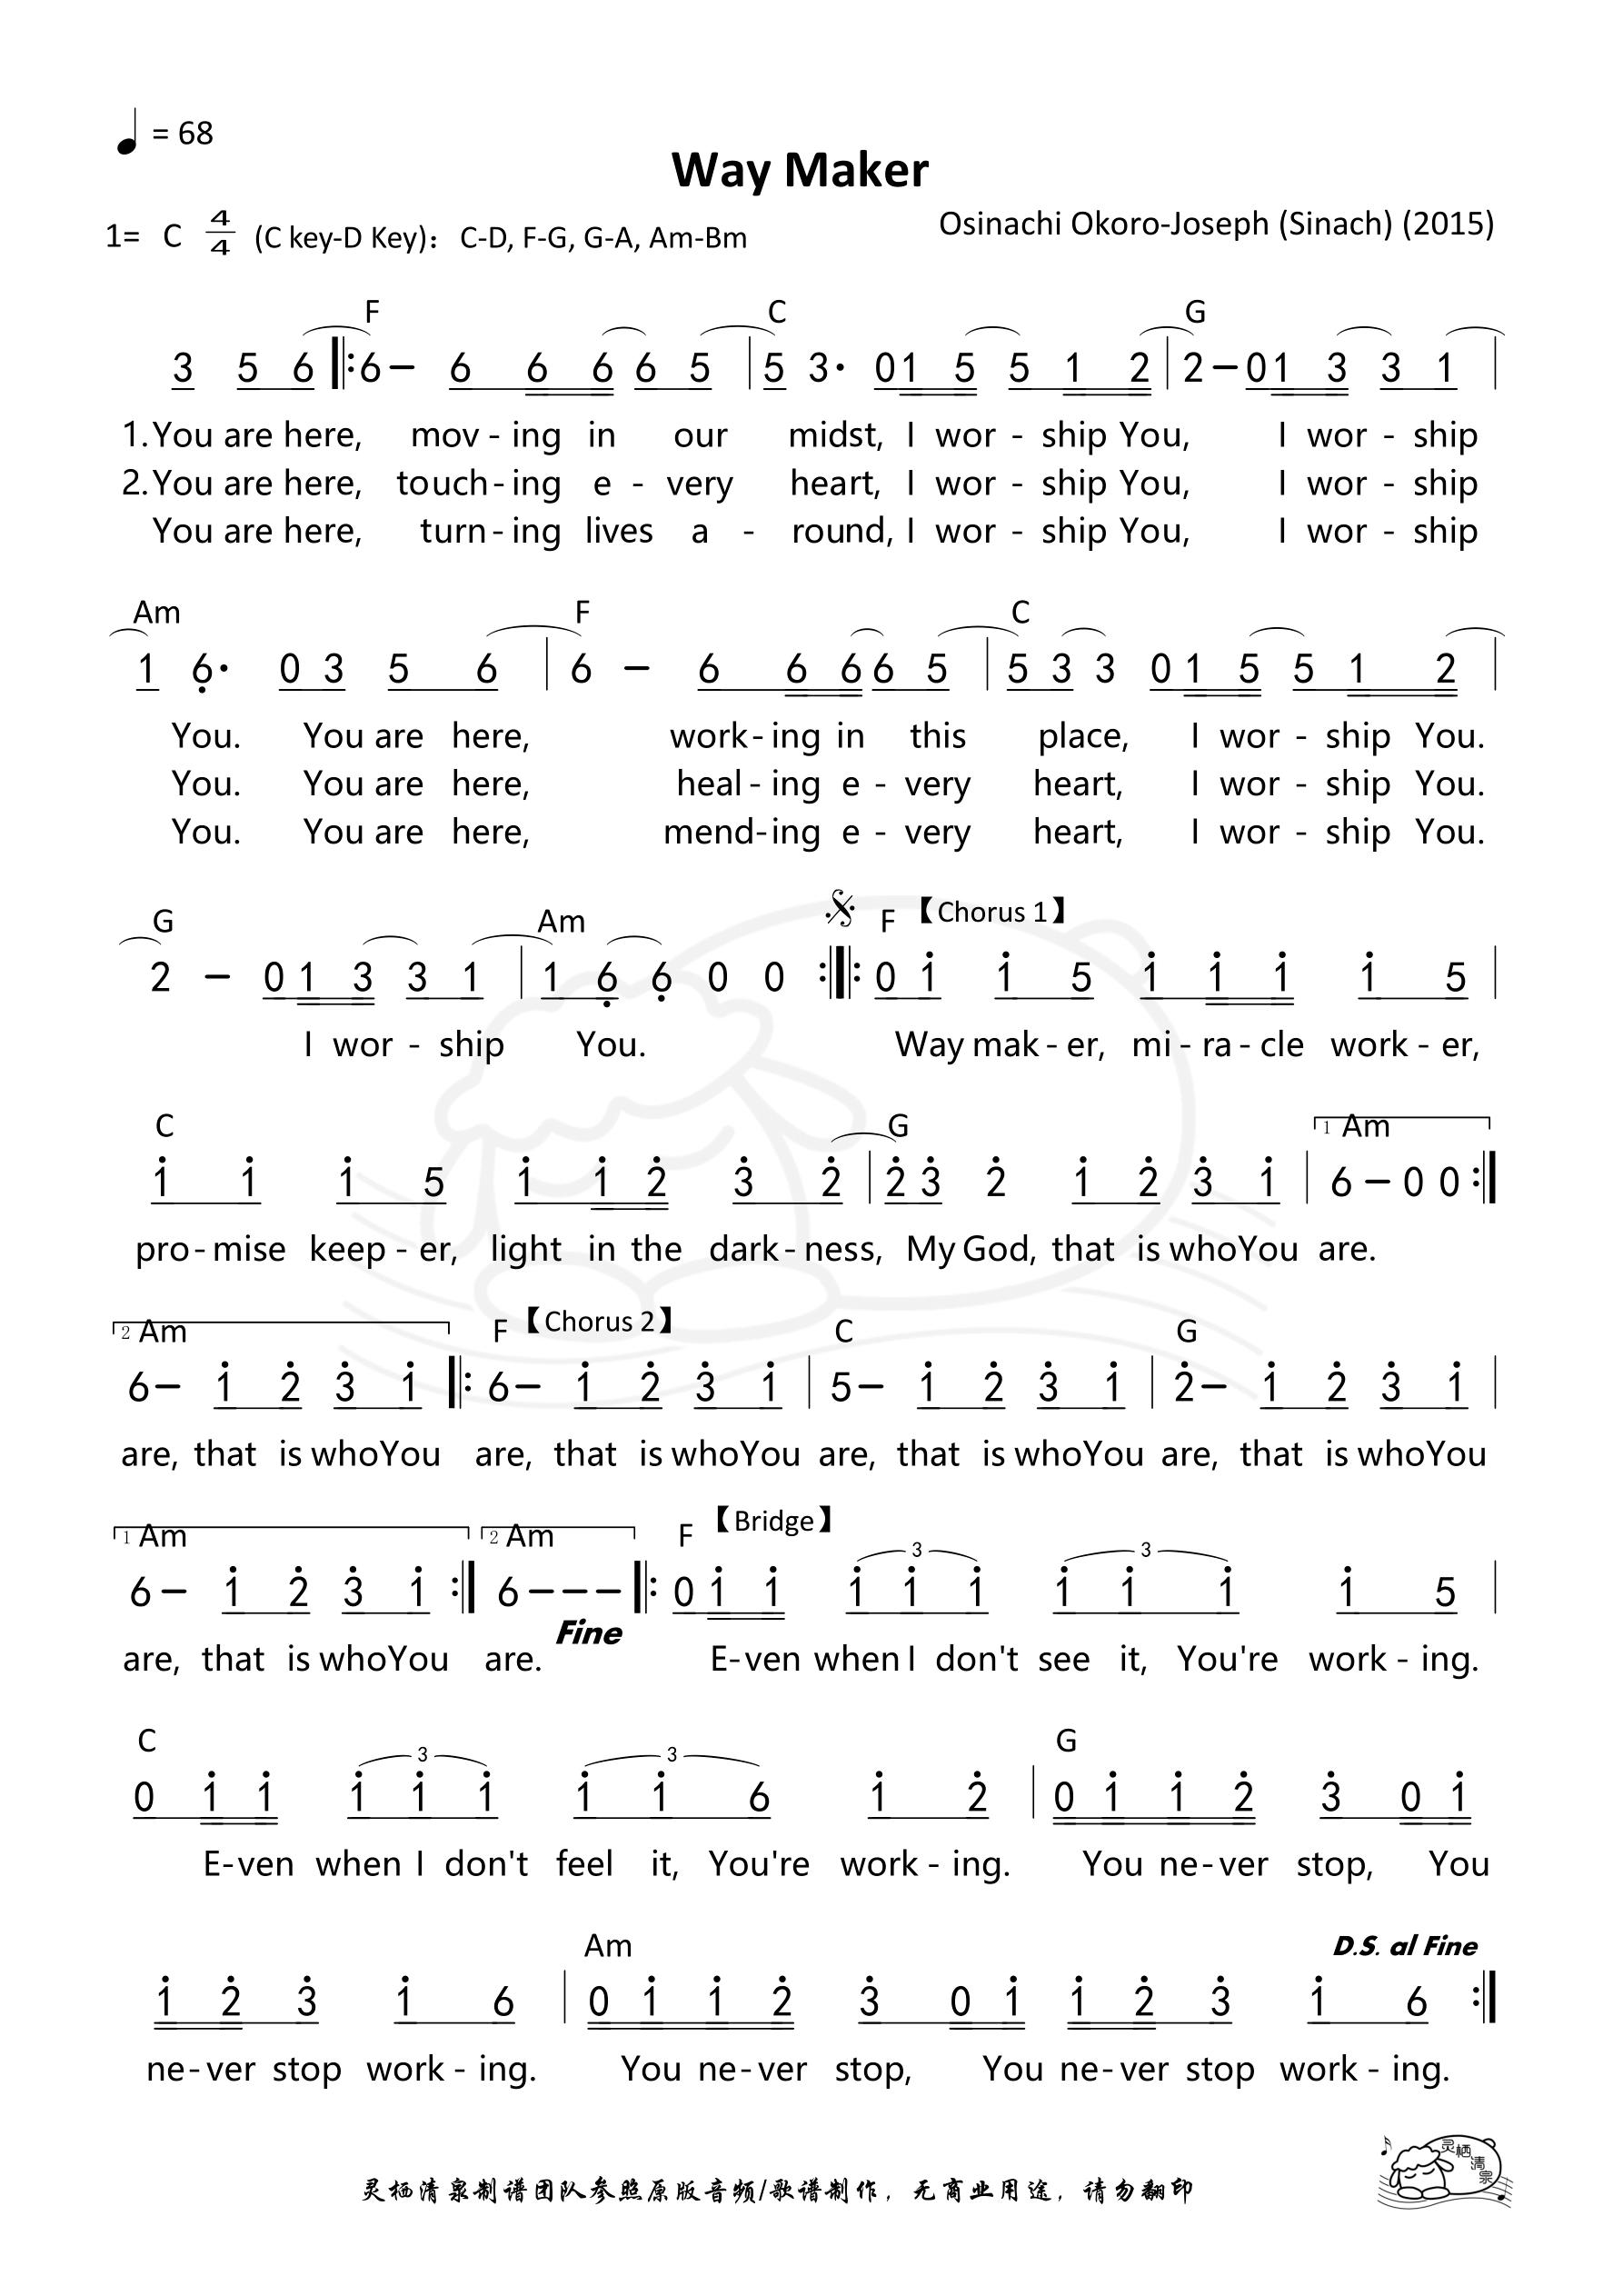 《第133首 - Way Maker(英文)和弦简谱》